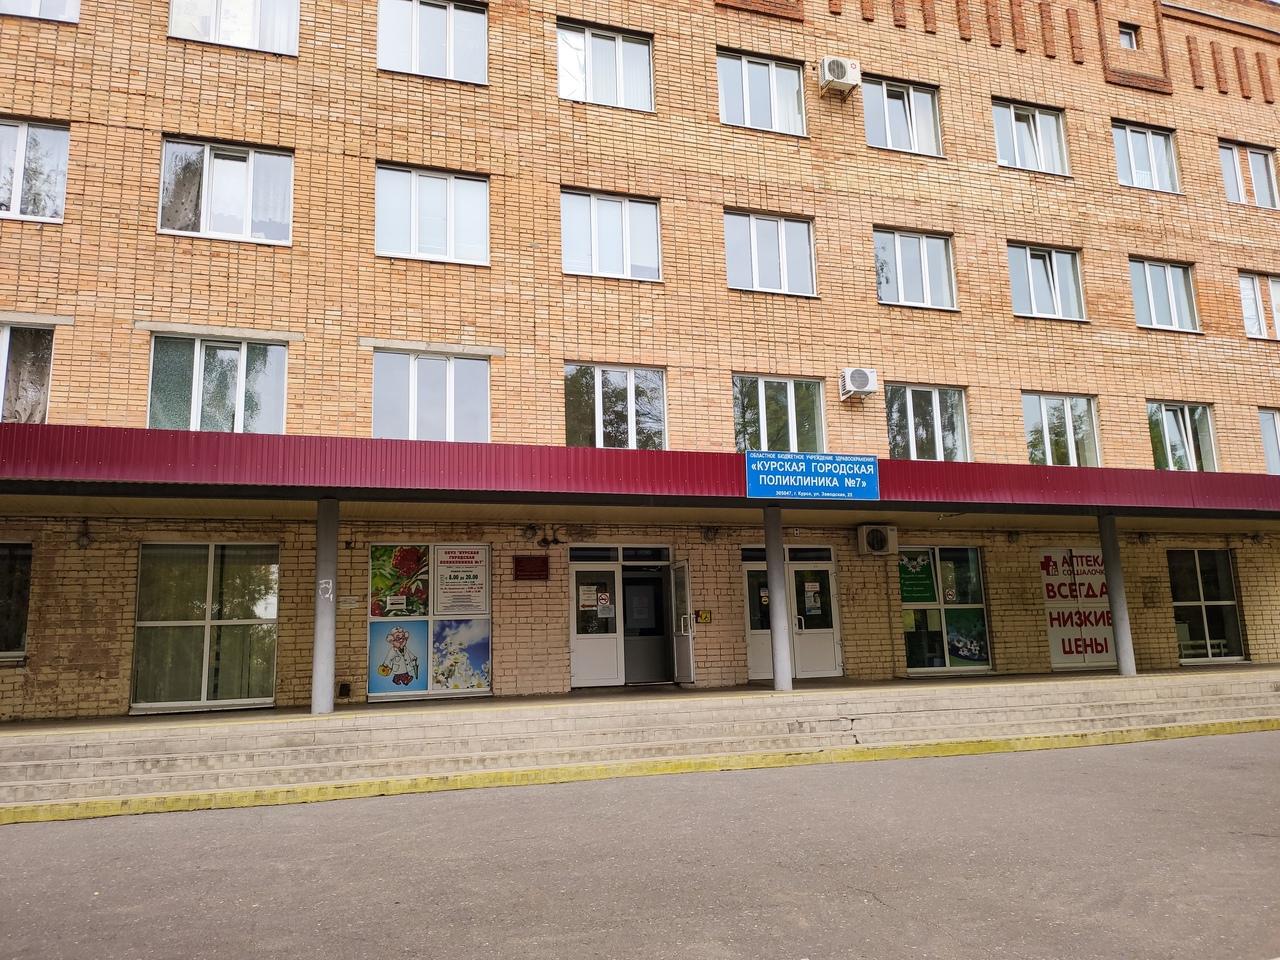 7-я поликлиника Курска продолжит принимать пациентов во время ремонта